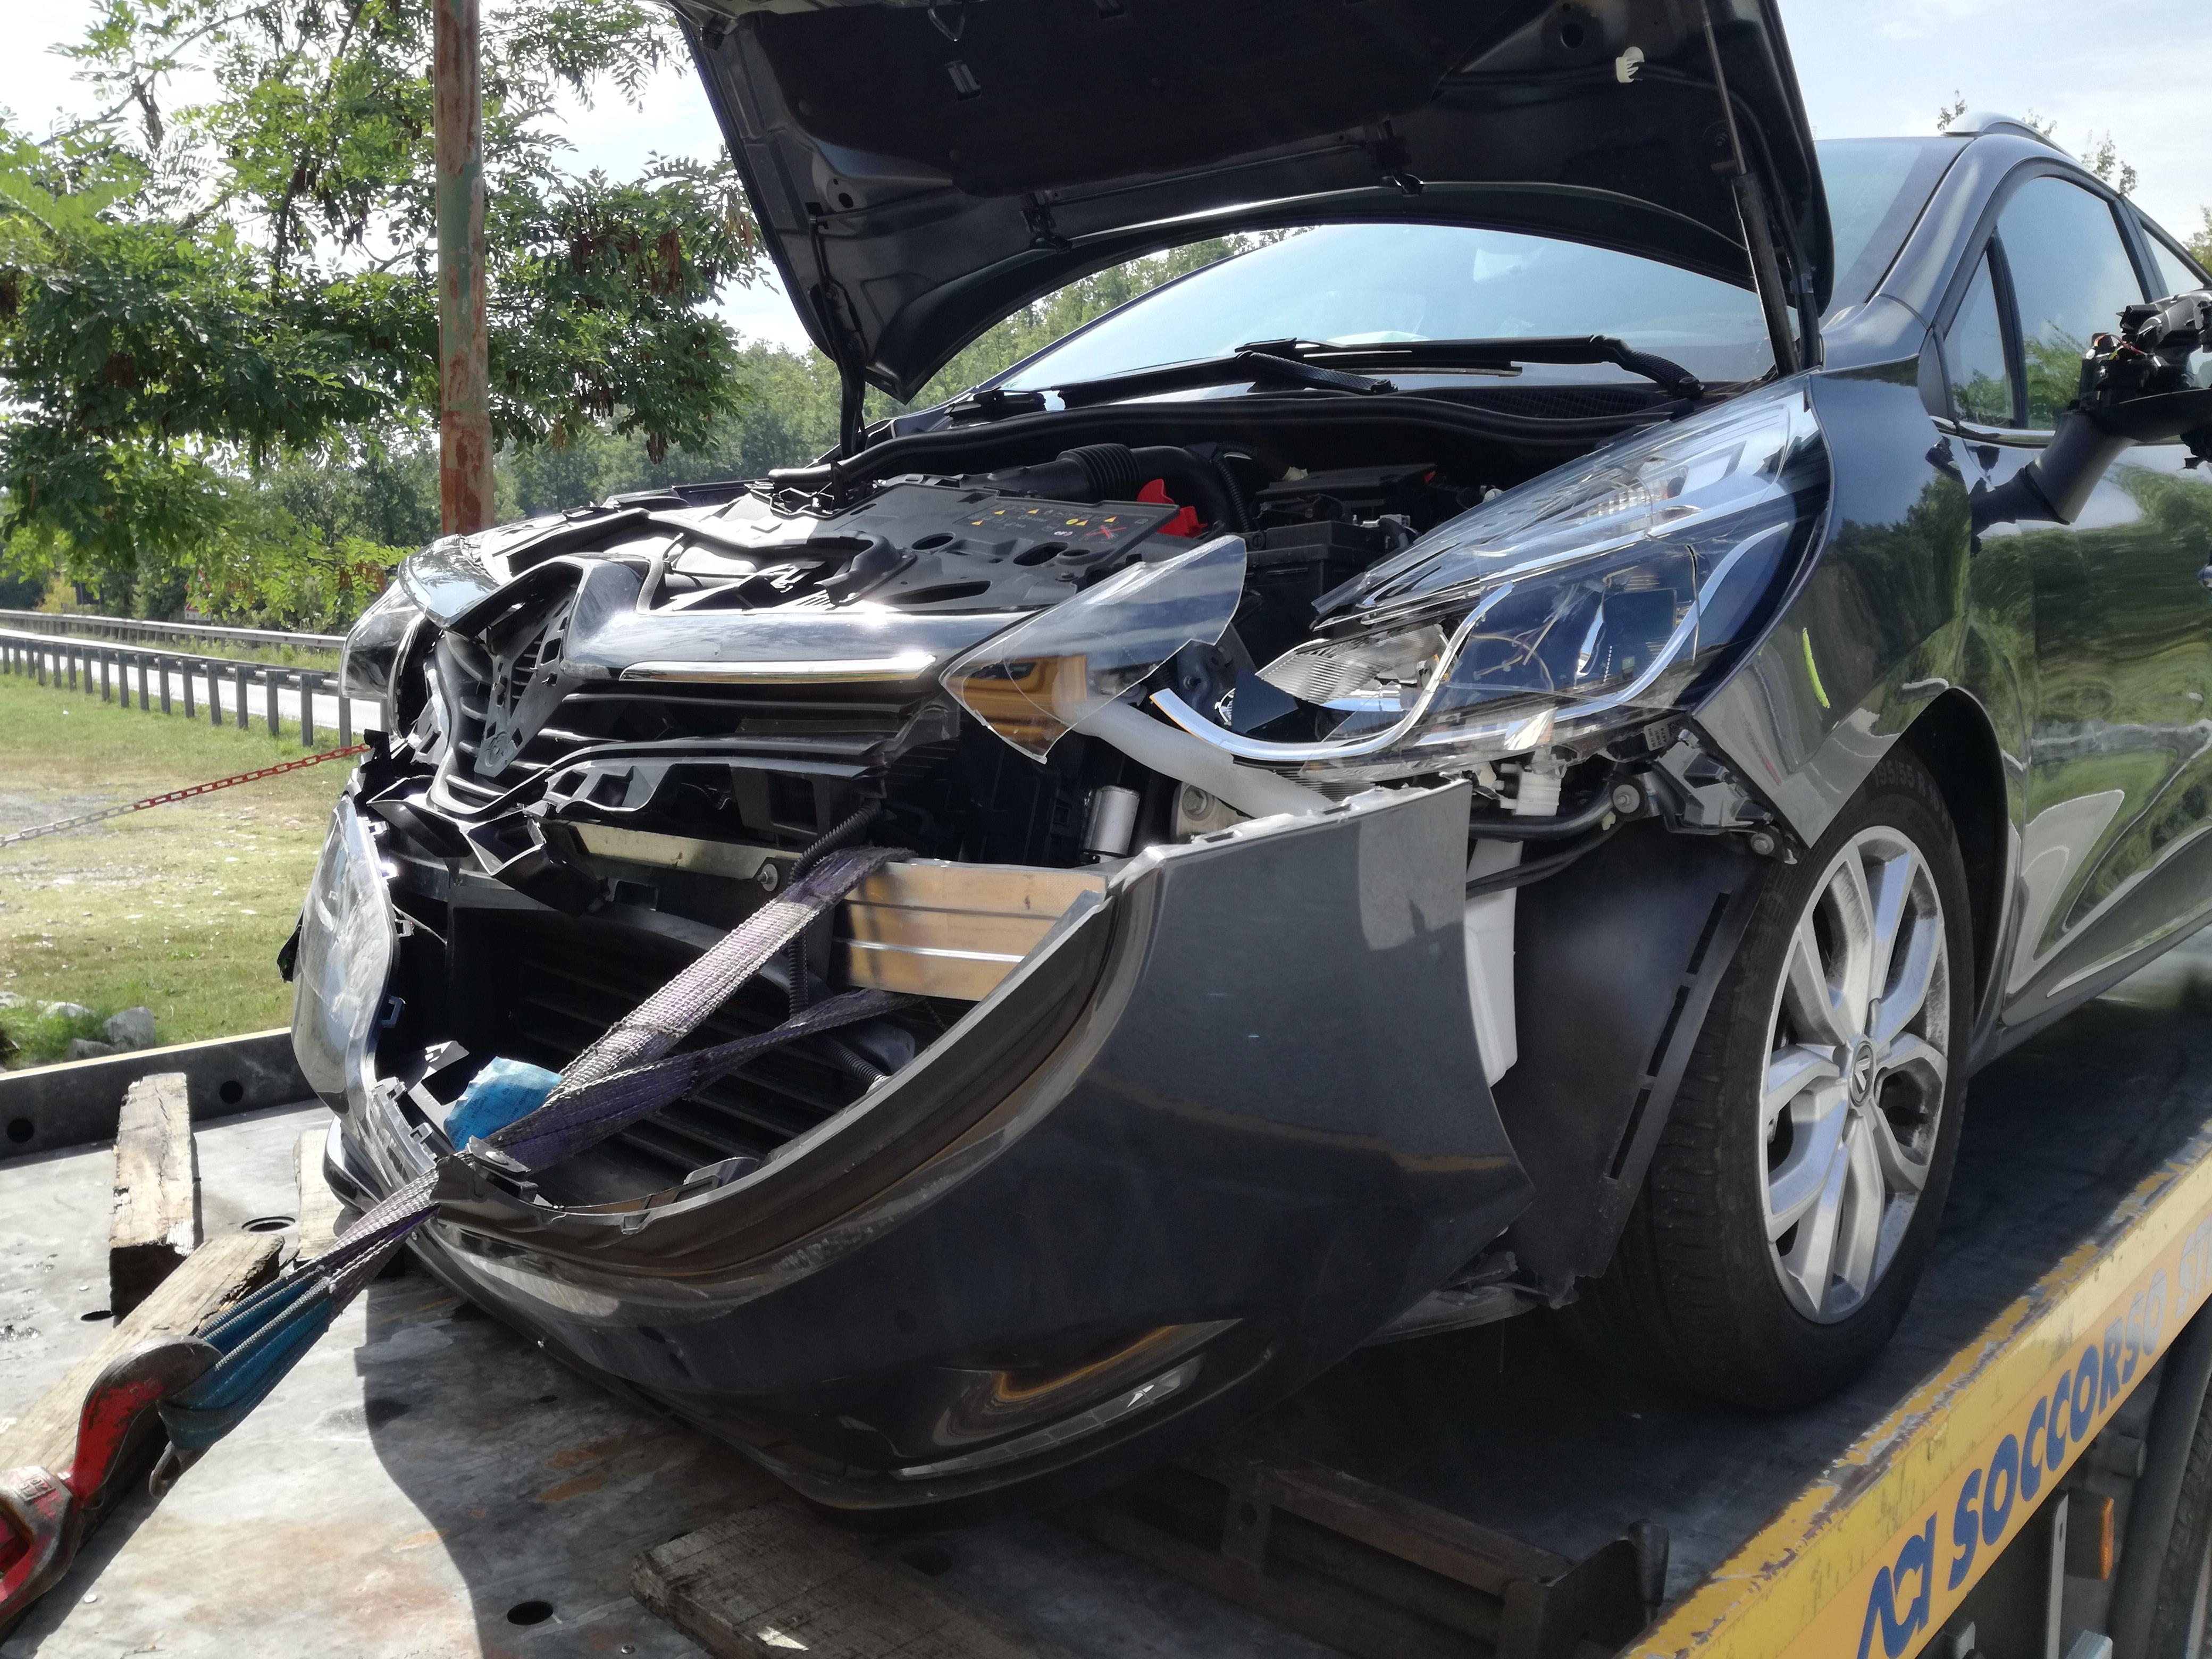 Colli a VOLTURNO: scontro sulla 158 tra una Punto ed una Renault. Un ferito grave trasporto ad Isernia.